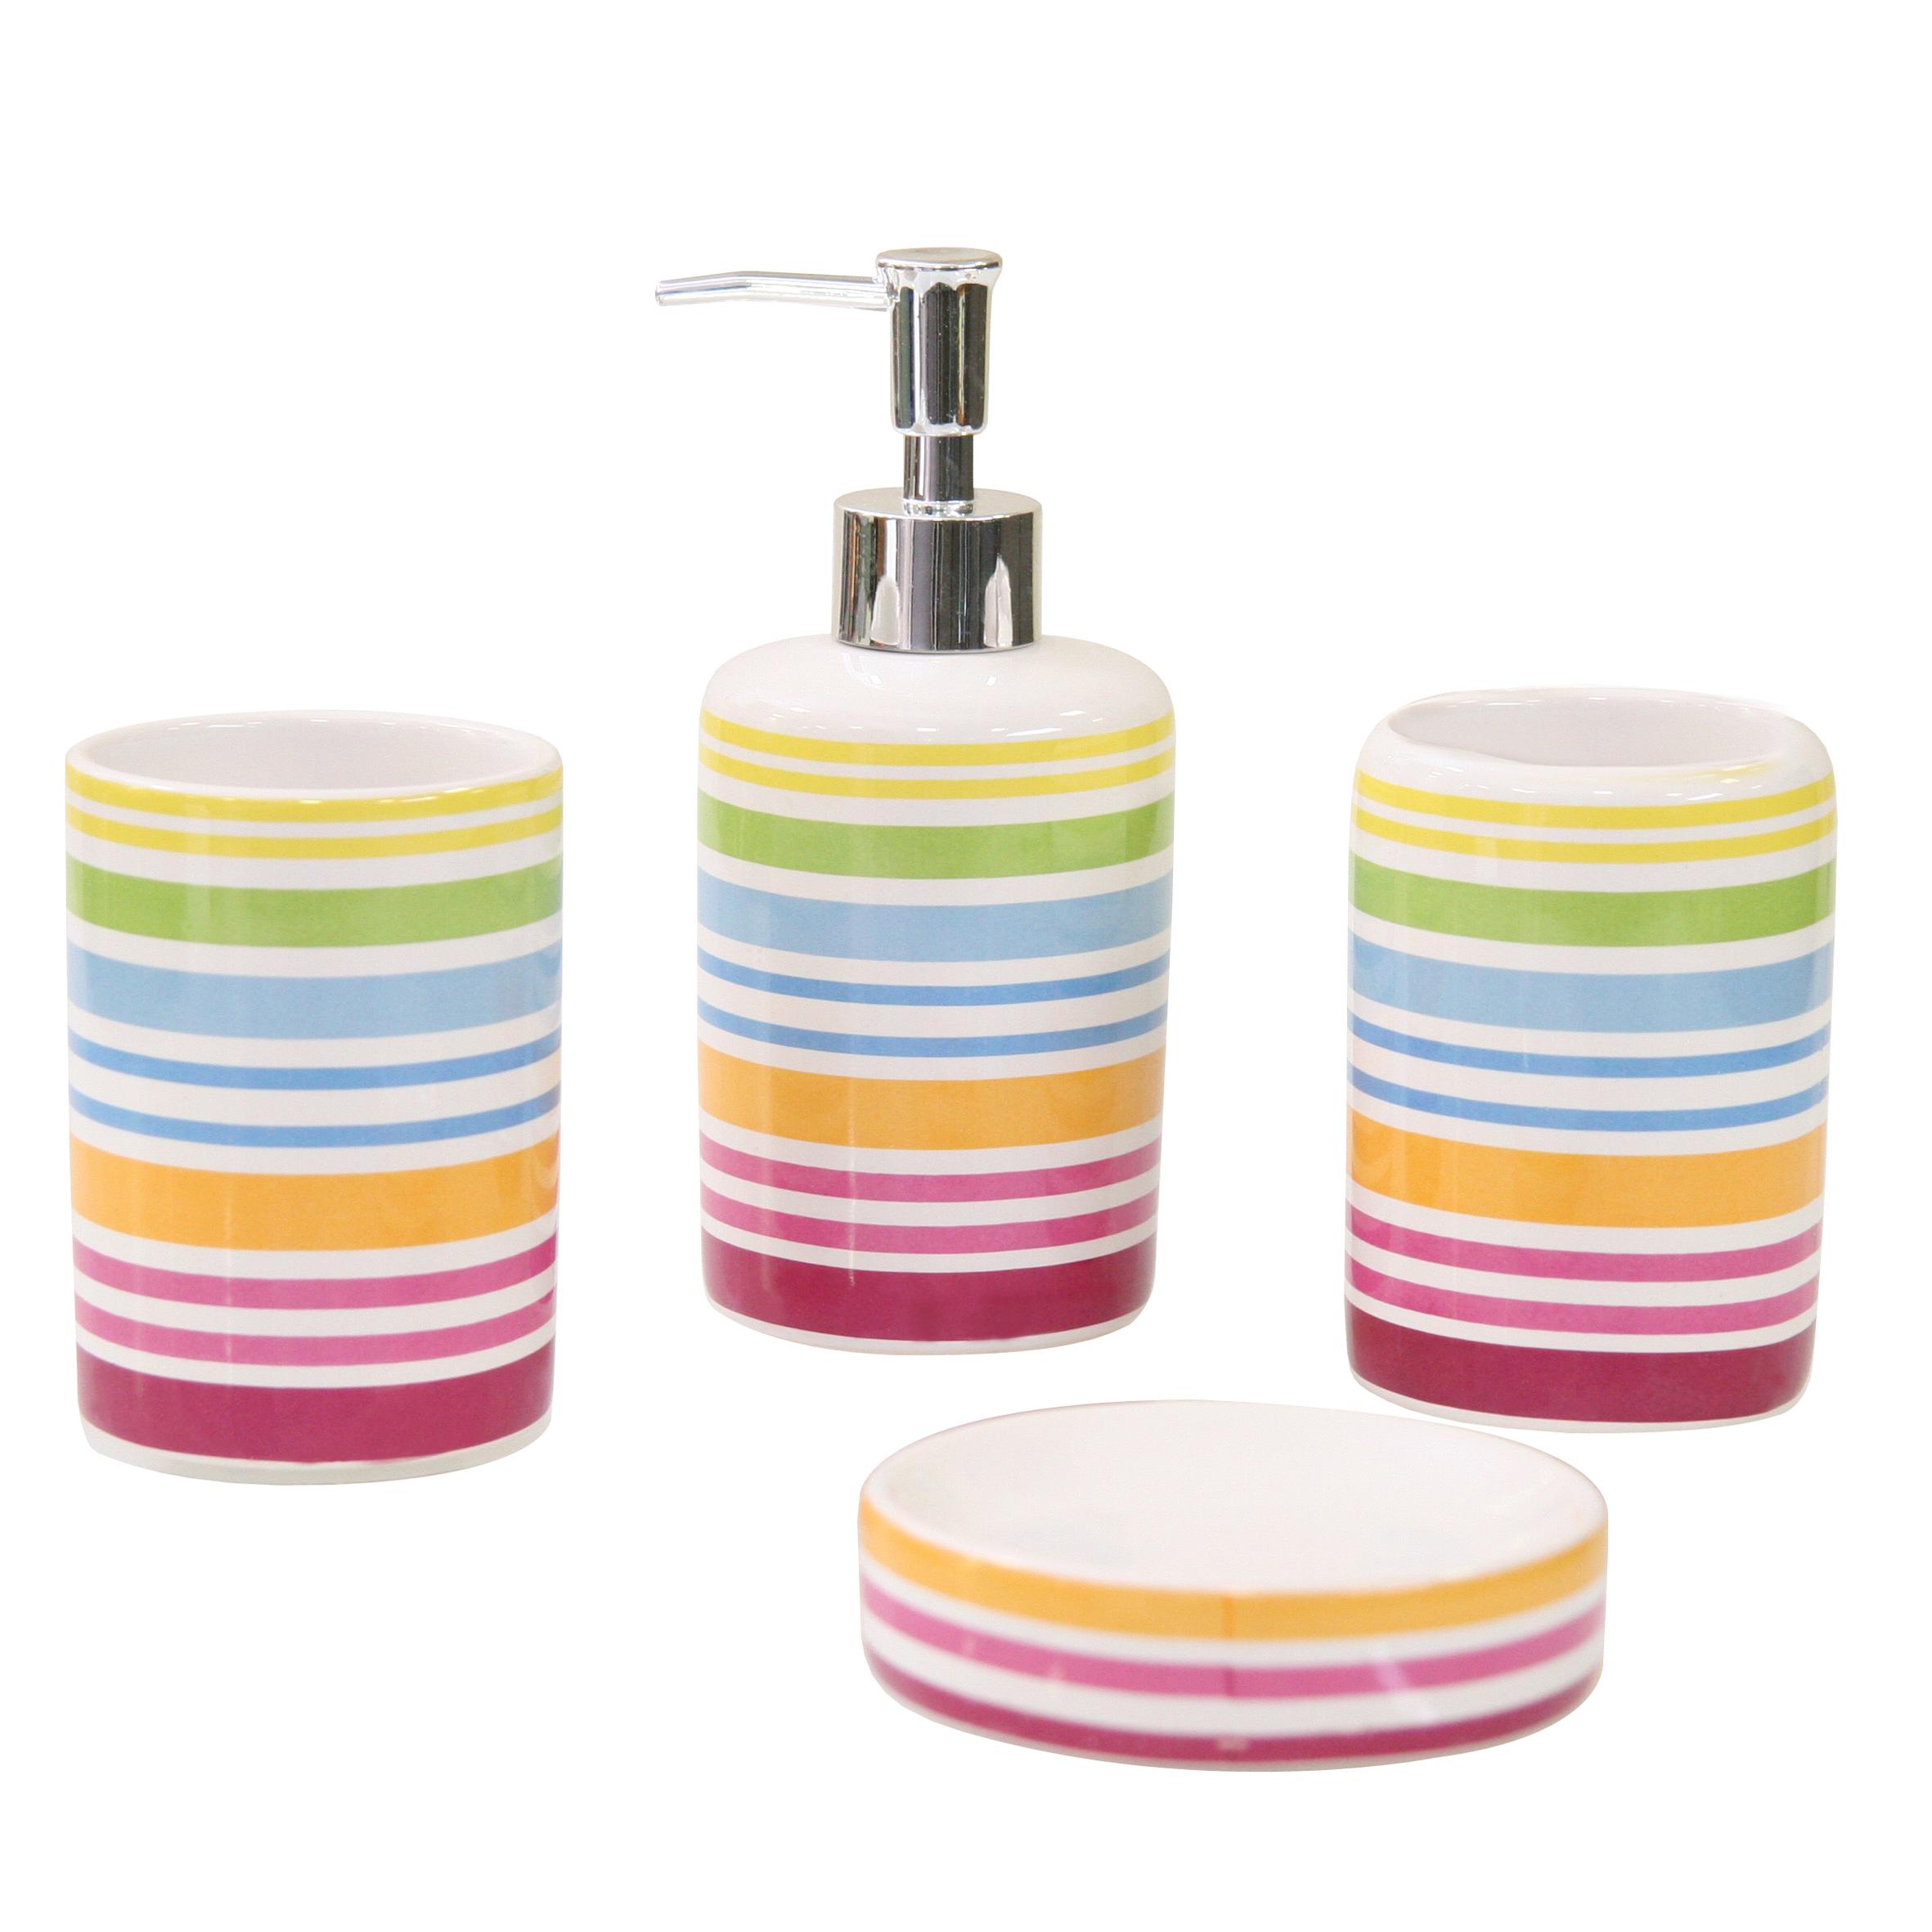 Набор для ванной комнаты Axentia Rio, 4 предмета68/5/1Набор для ванной комнаты Axentia Rio, выполнен из натуральной и элегантной керамики, состоит из стакана для зубных щеток, дозатора для жидкого мыла и мыльницы. Изделия декорированы яркими полосками.Аксессуары, входящие в набор Axentia Rio, выполняют не только практическую, но и декоративную функцию. Они способны внести в помещение изысканность, сделать пребывание в нем приятным и даже незабываемым.